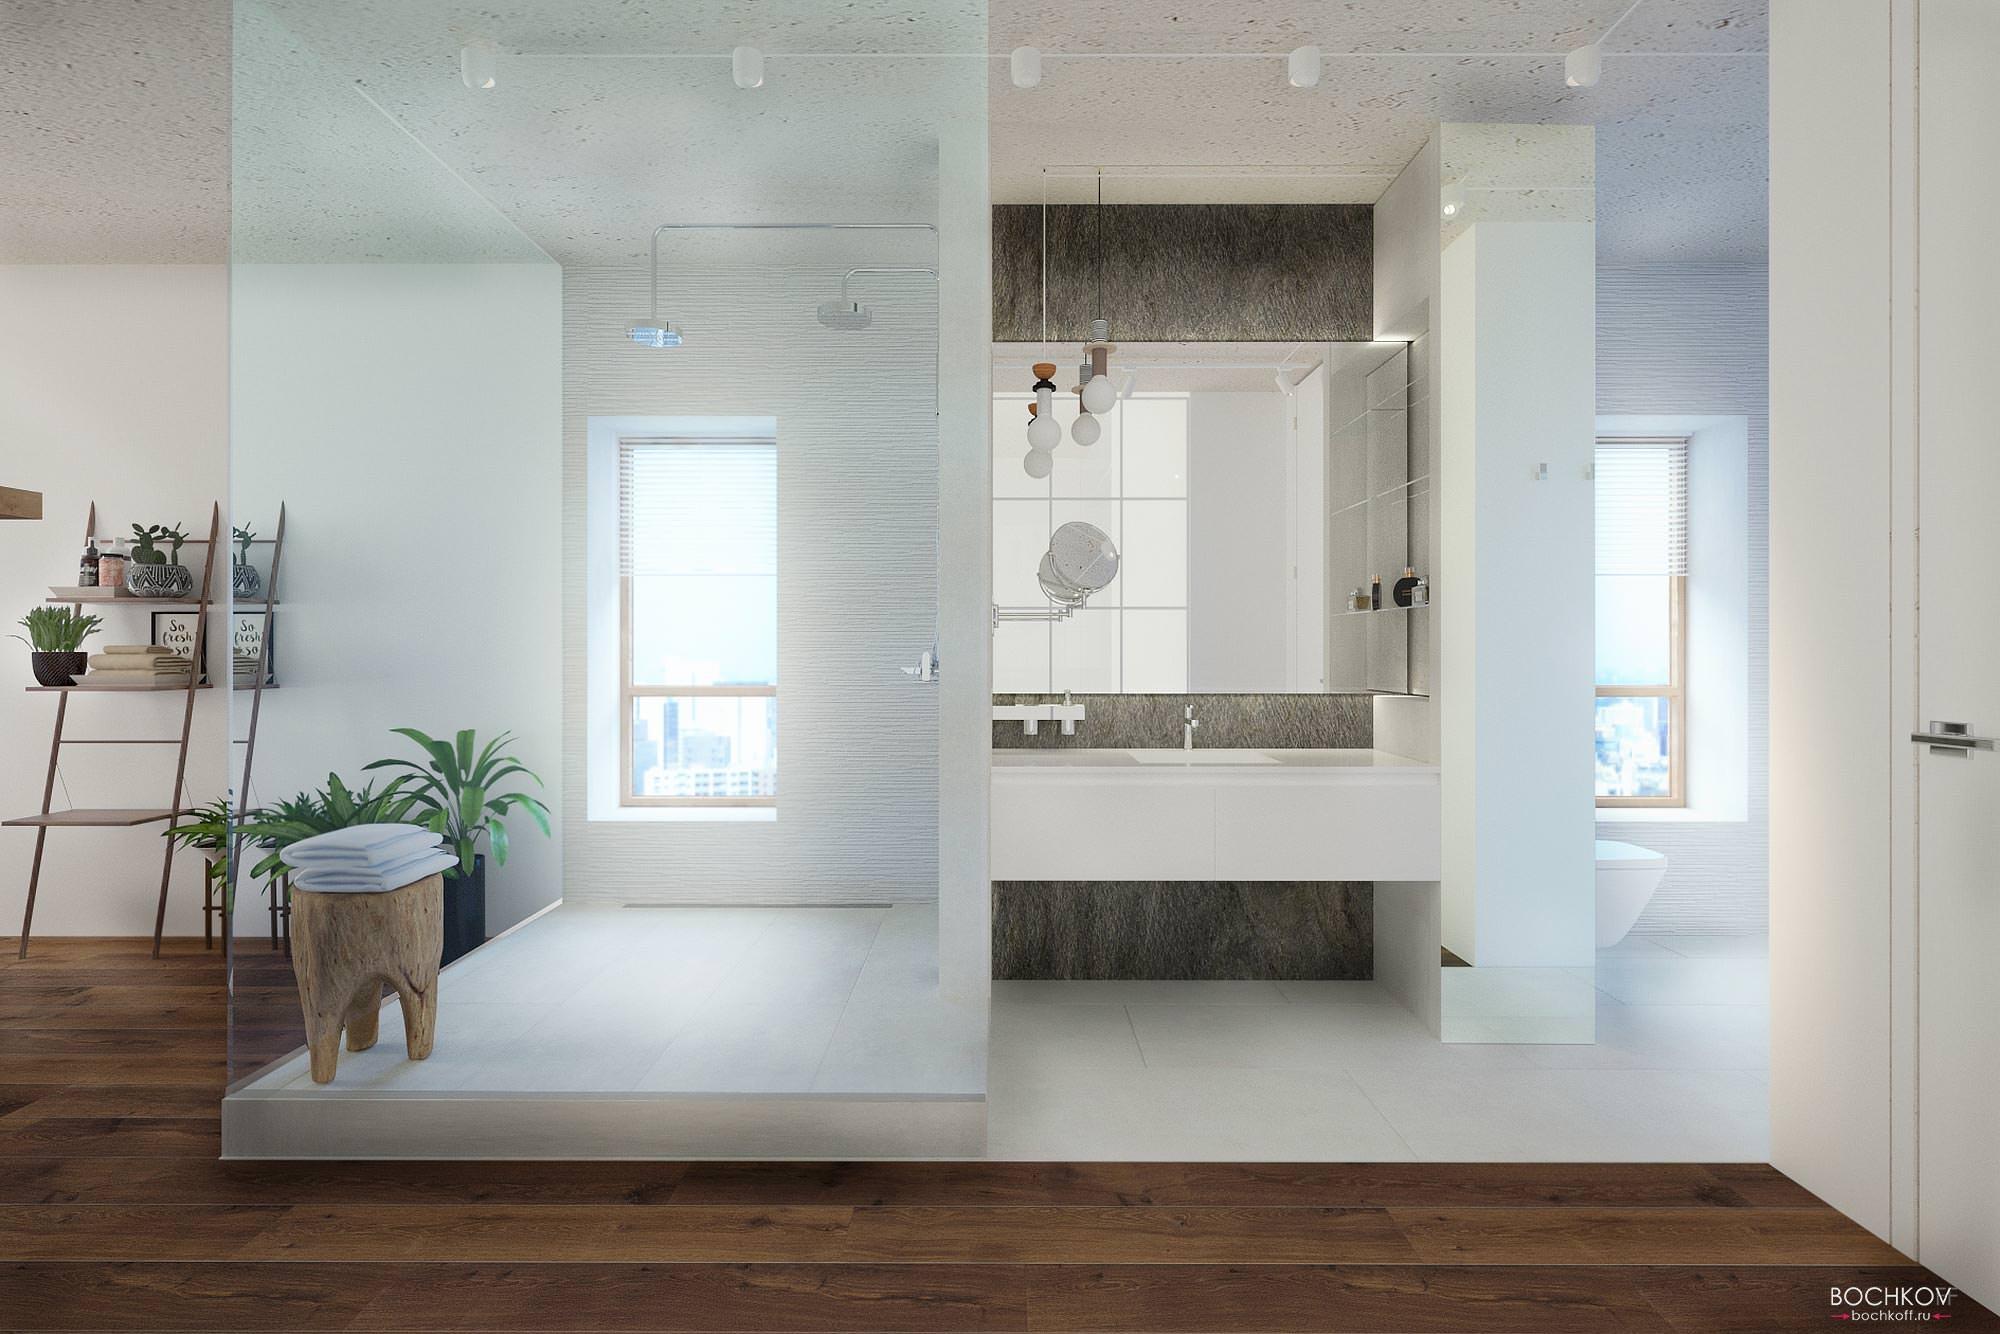 Фронтальный вид ванной комнаты в спальне, Дизайн интерьера в ЖК Макаровский 2020г.